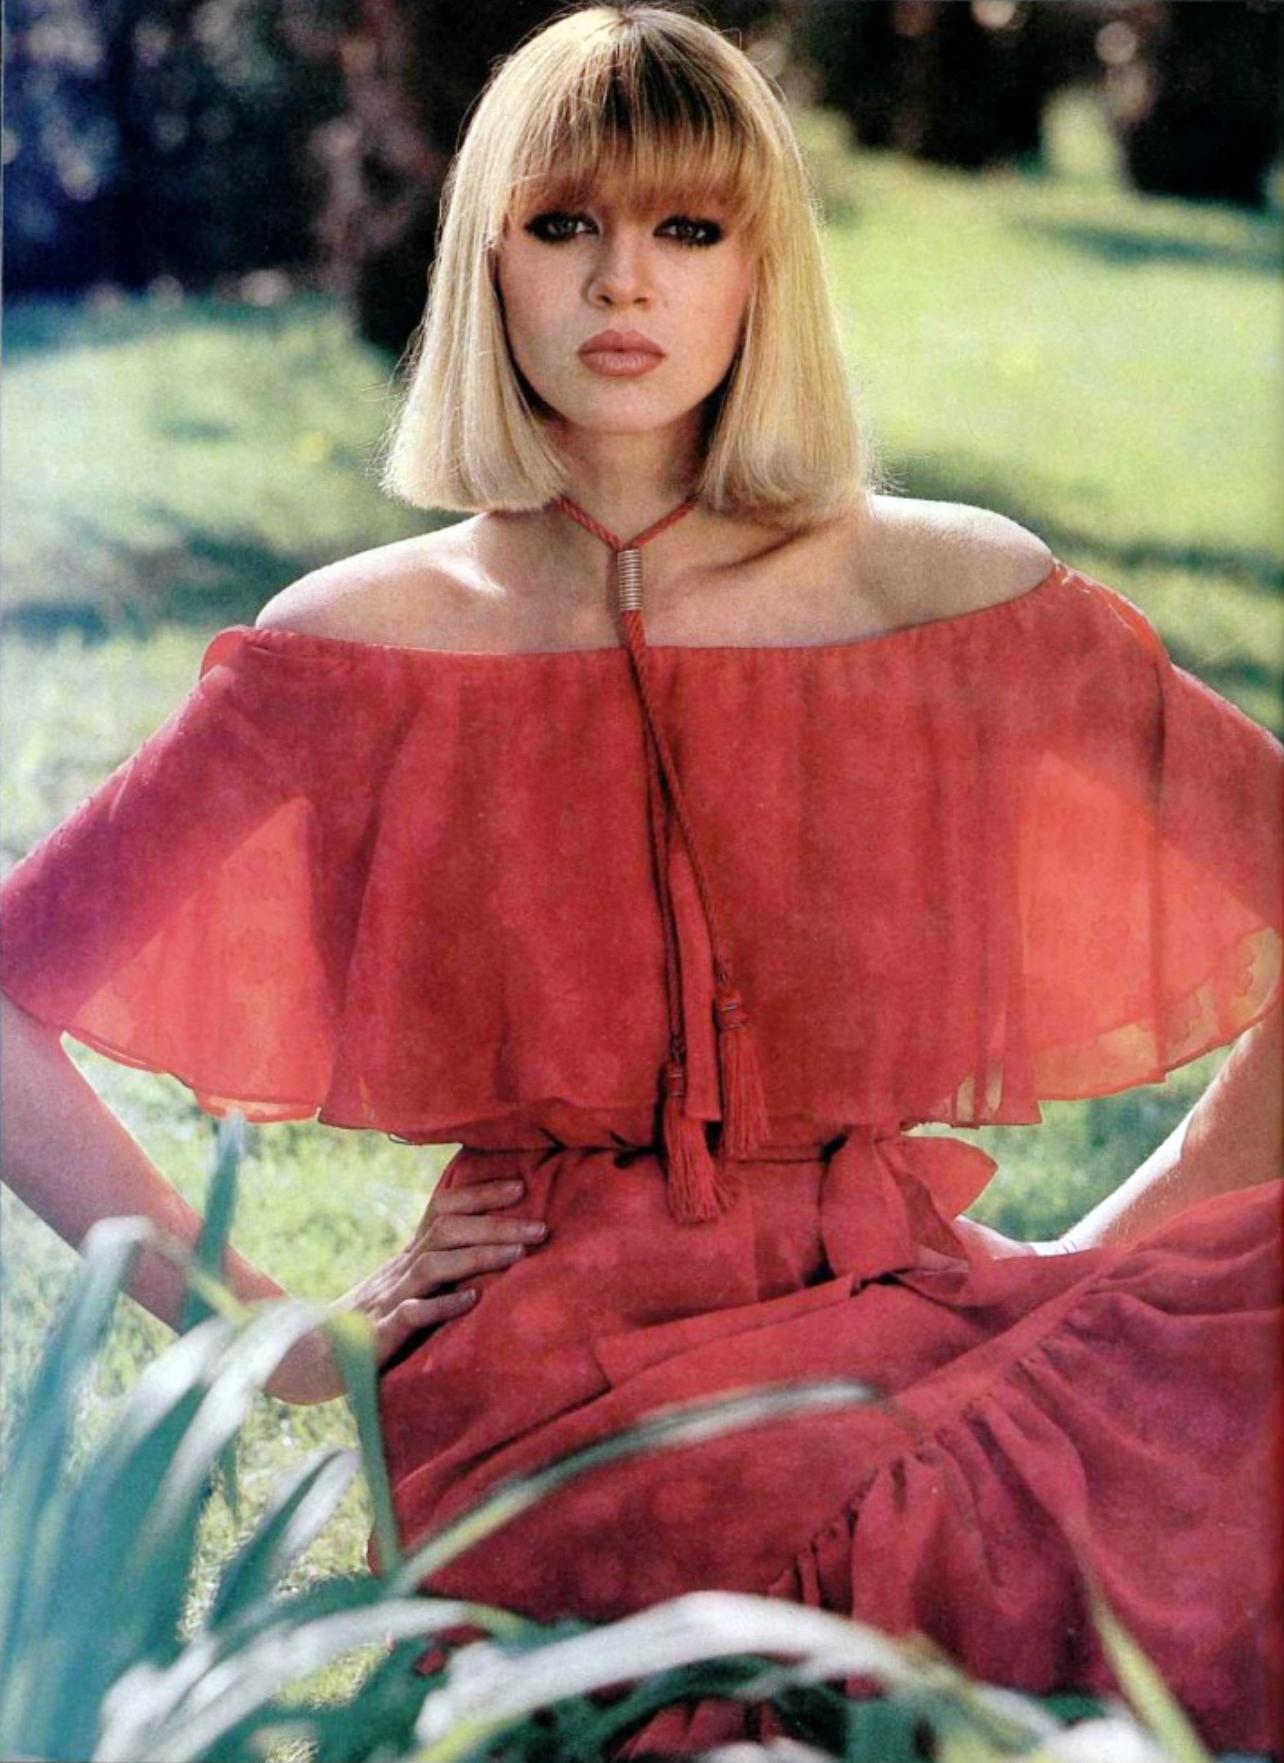 saint laurent rive gauche l 39 officiel magazine 1977 60s 70s pinterest mode yves saint. Black Bedroom Furniture Sets. Home Design Ideas